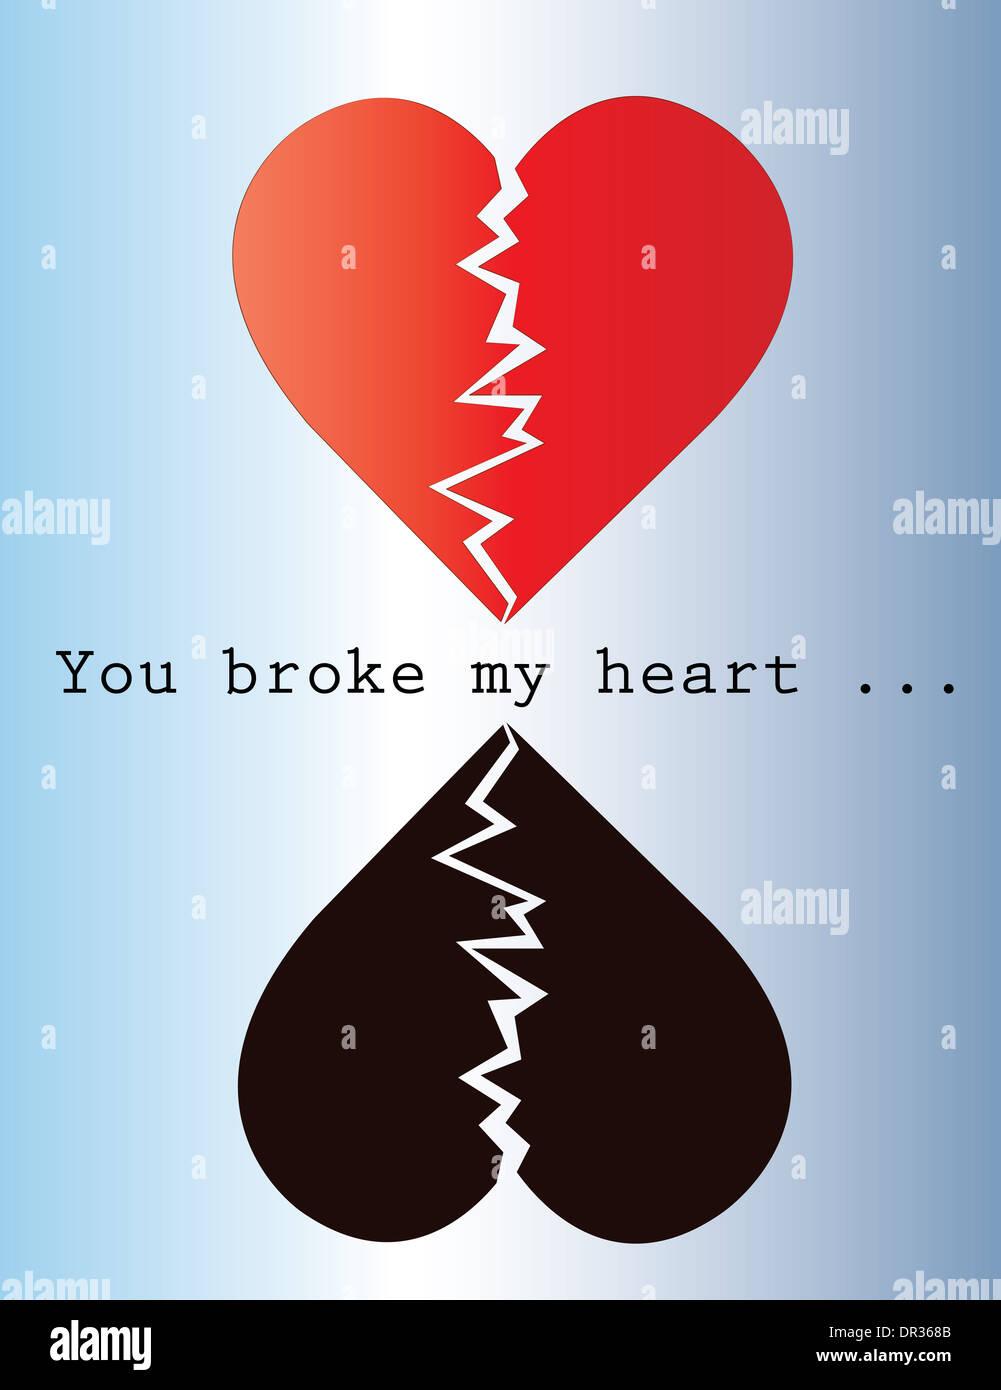 Mein du gebrochen hast warum herz Warum hast